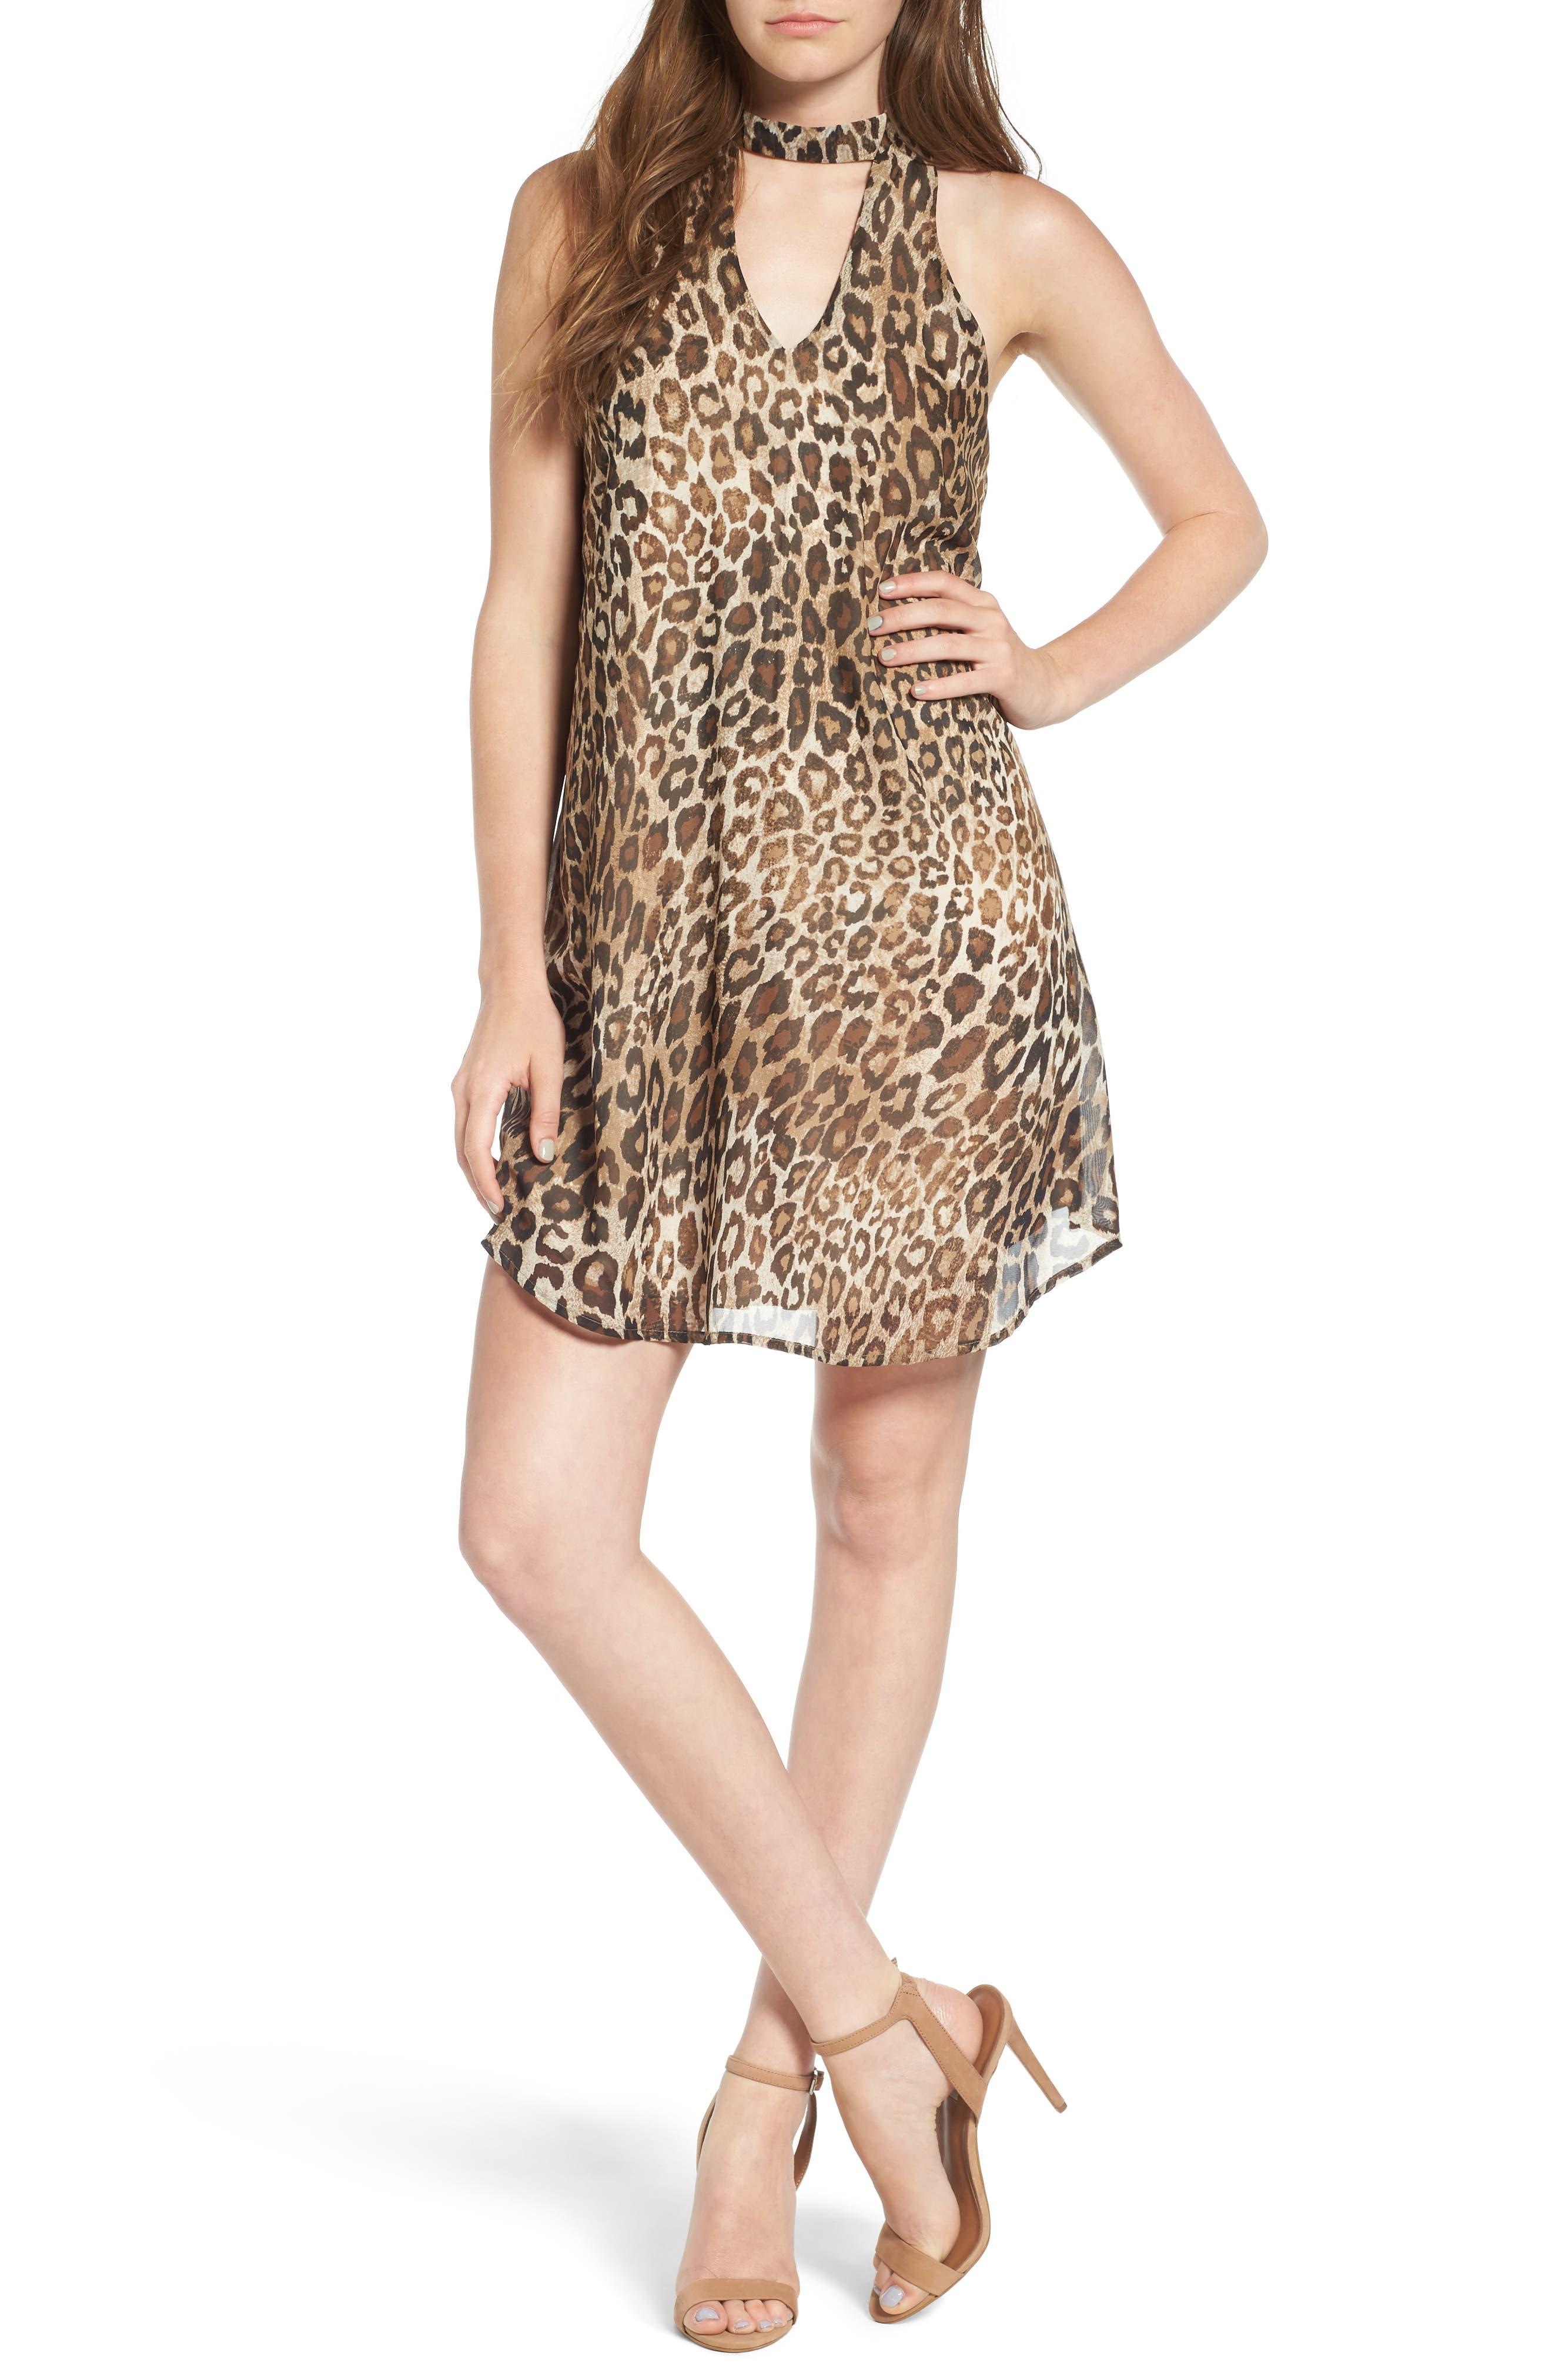 Speechless Leopard Print Cutout Dress